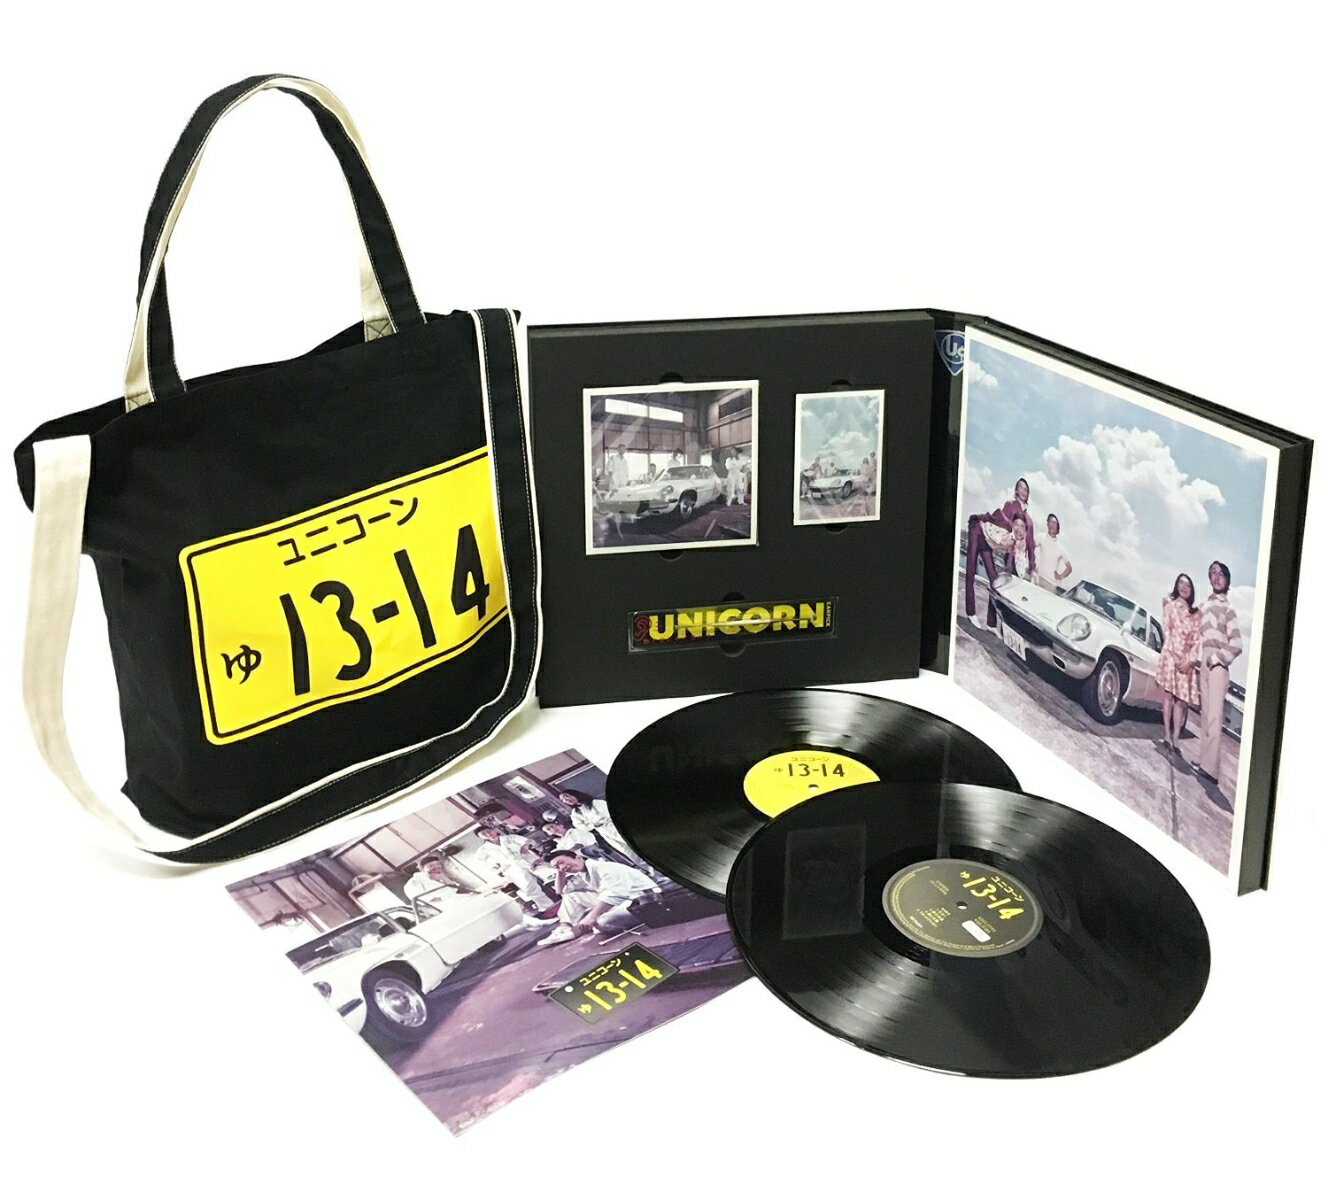 ゅ13,14[ユニコーン] , ゅ13,14(完全生産限定盤CD+DVD+2LP+